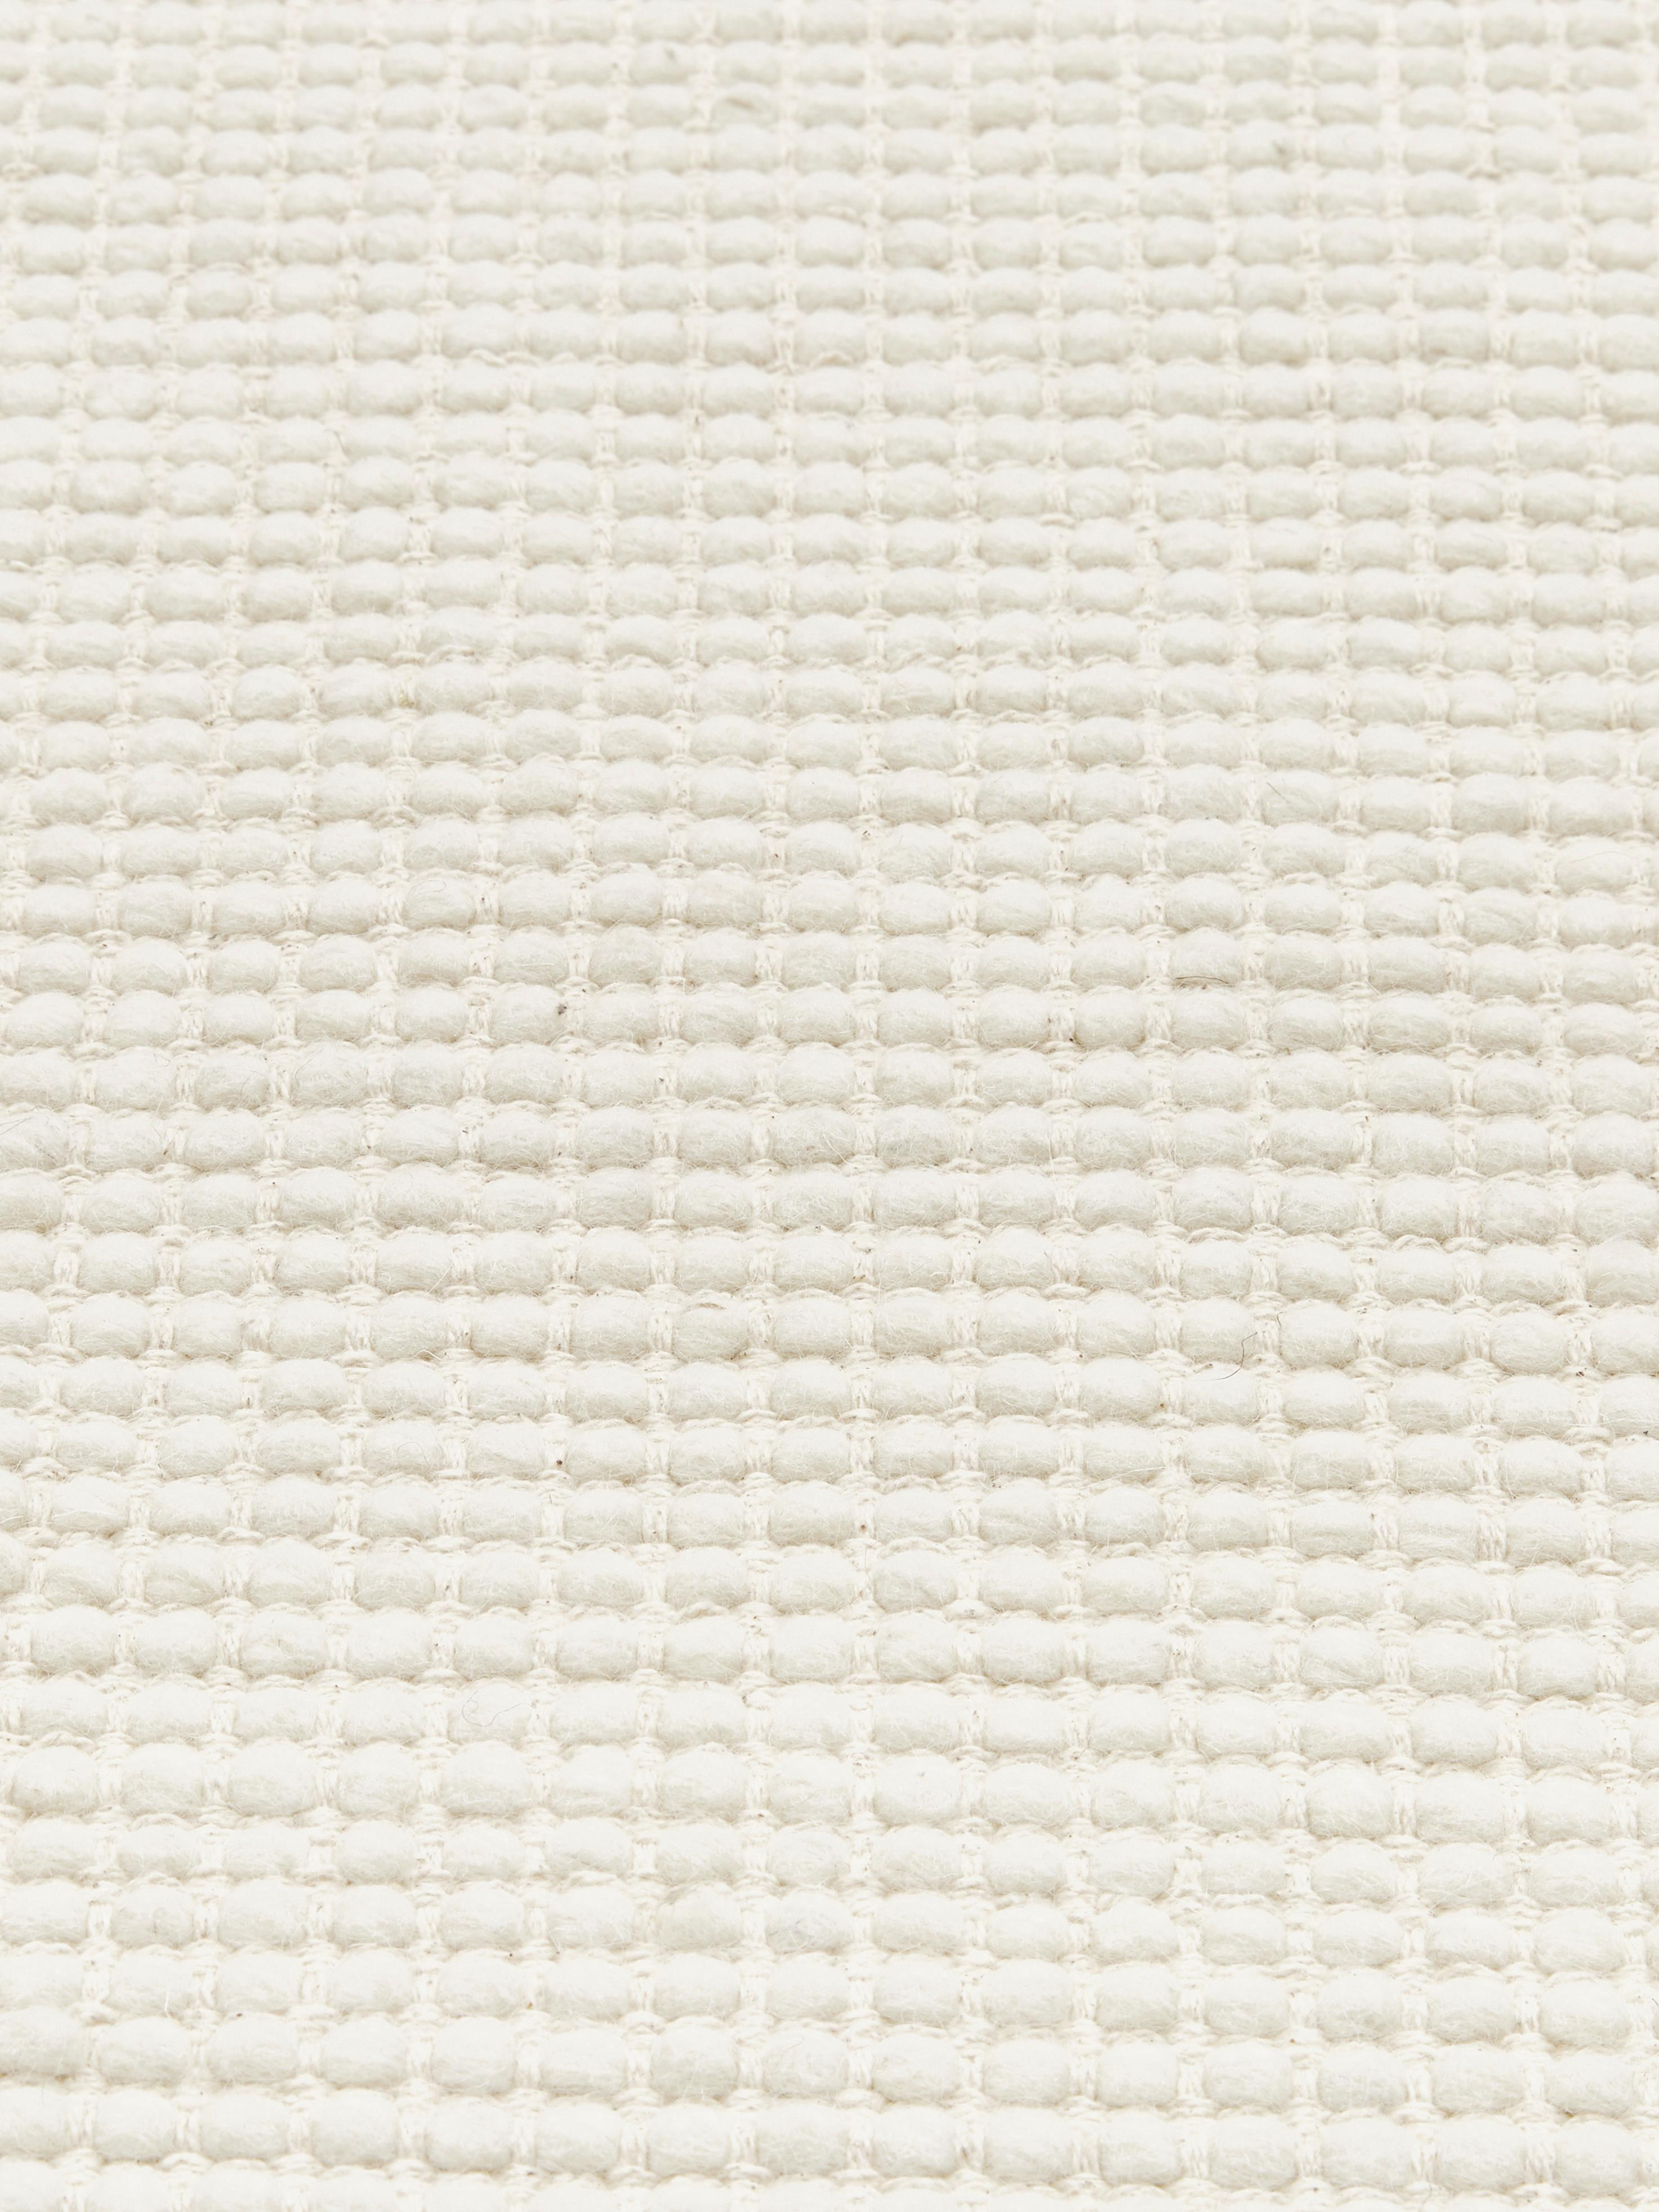 Tappeto in lana tessuto a mano color crema Amaro, 38% lana, 22% poliestere, 20% cotone, 20% poliammide, Bianco crema, Larg. 200 x Lung. 300 cm (taglia L)